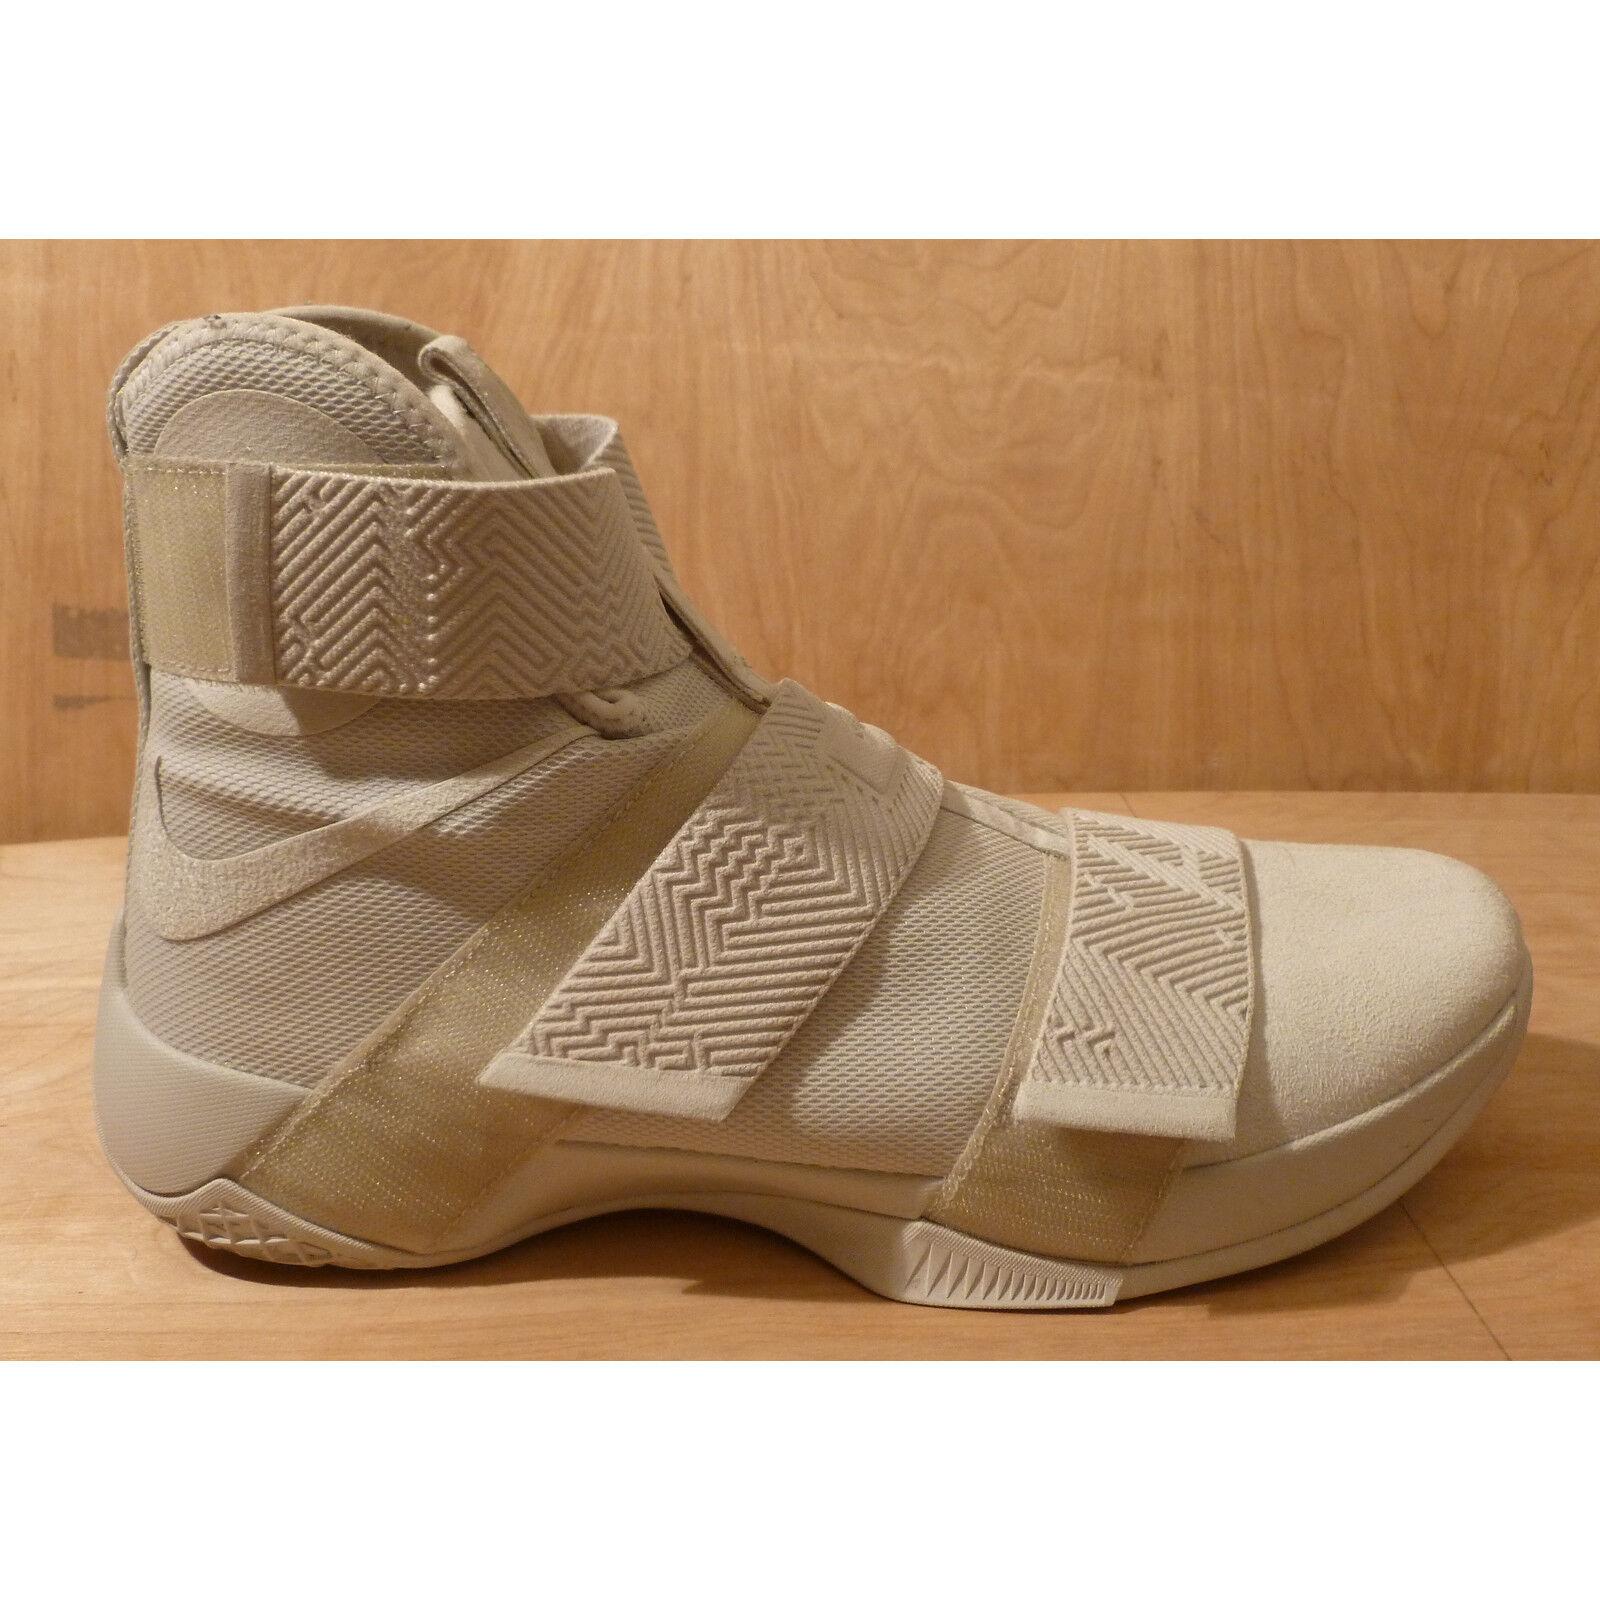 Nike lebron soldat 10 911306 001 aus weißem licht licht weißem knochen basketball - schuhe der größe 14. 9fb787